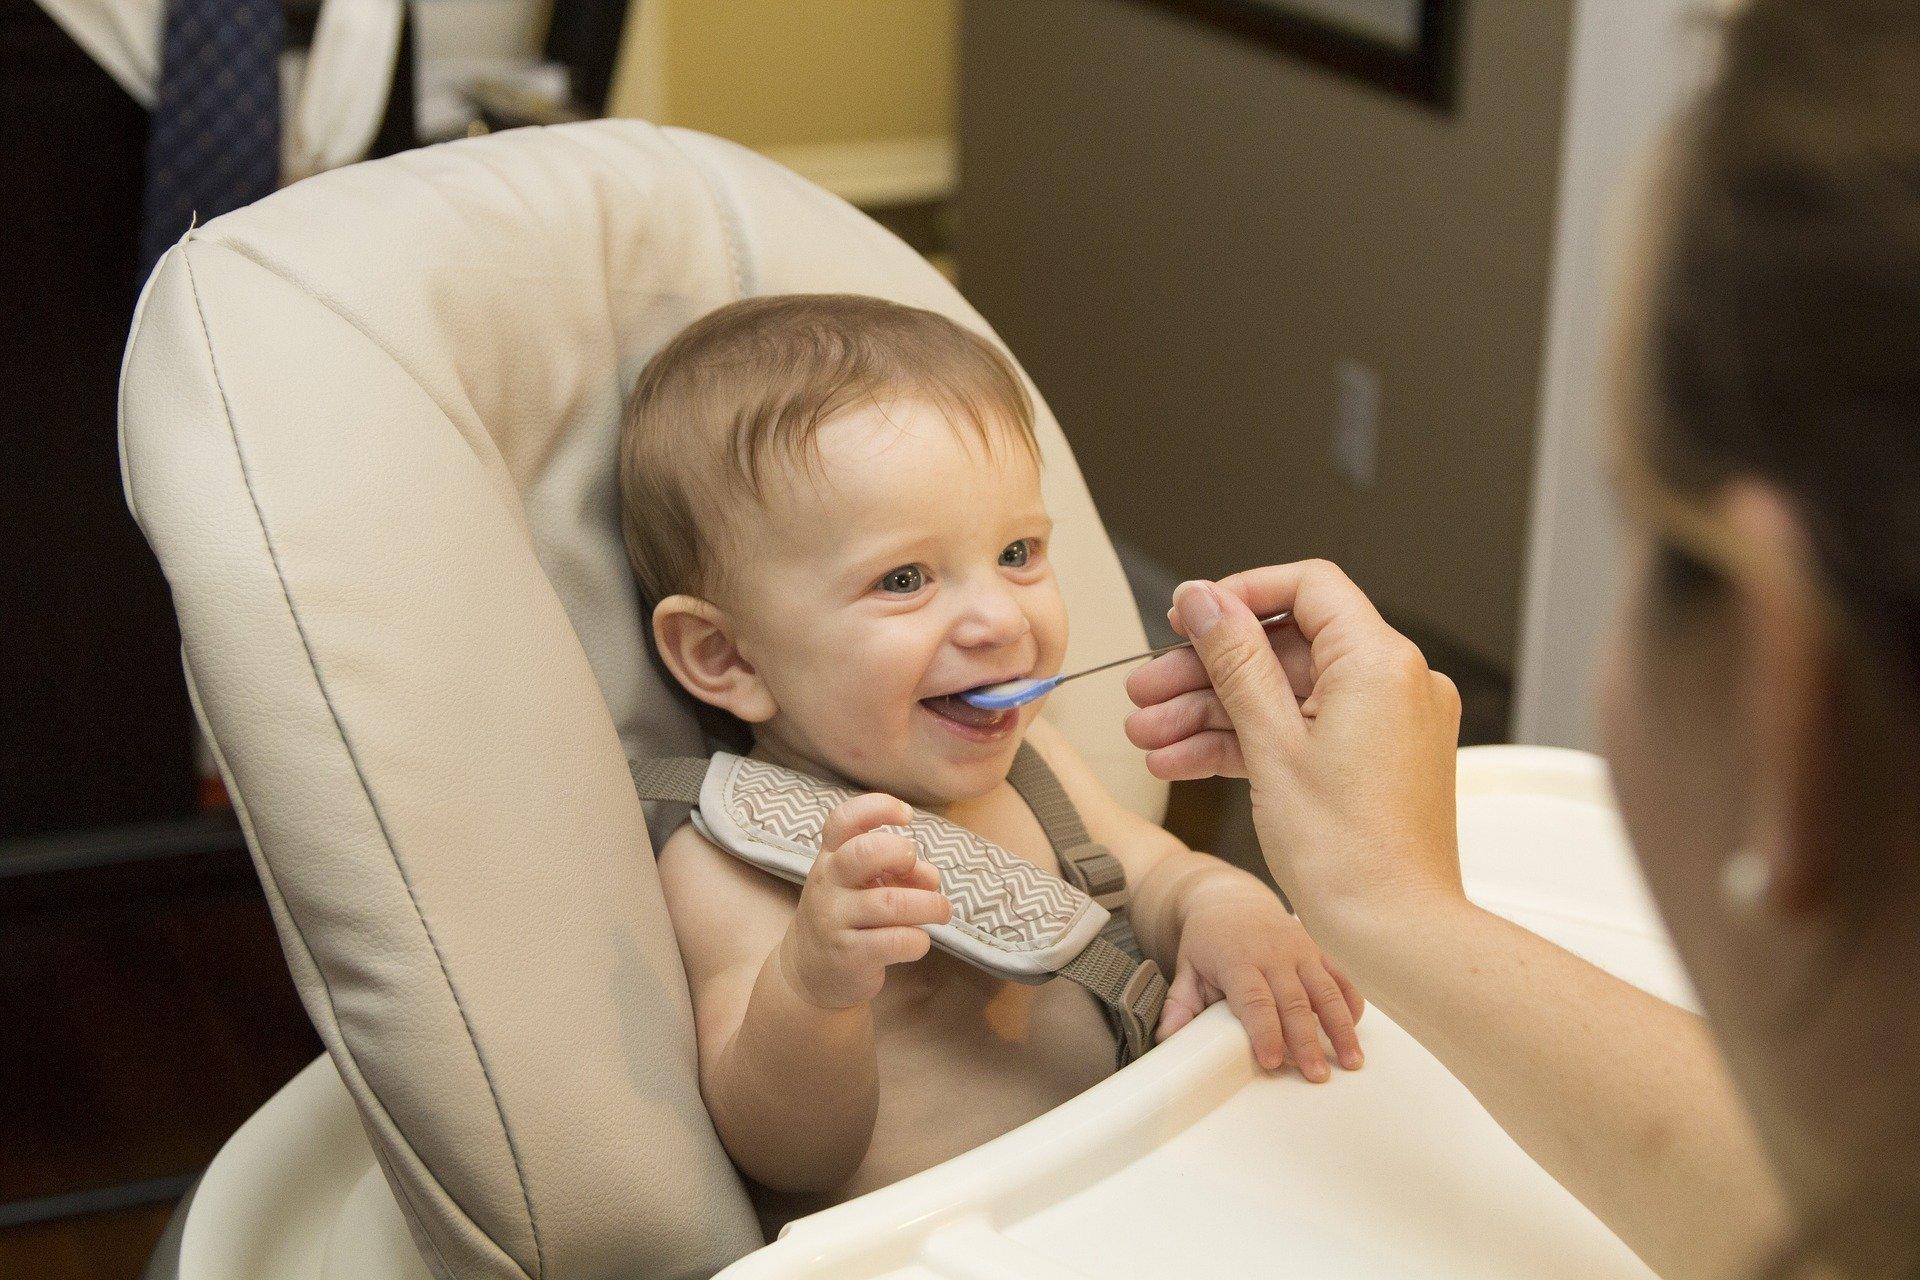 אביזרי האכלה לתינוק ולמתנות ליולדות Аксессуары для кормления детей и подарки для беременных